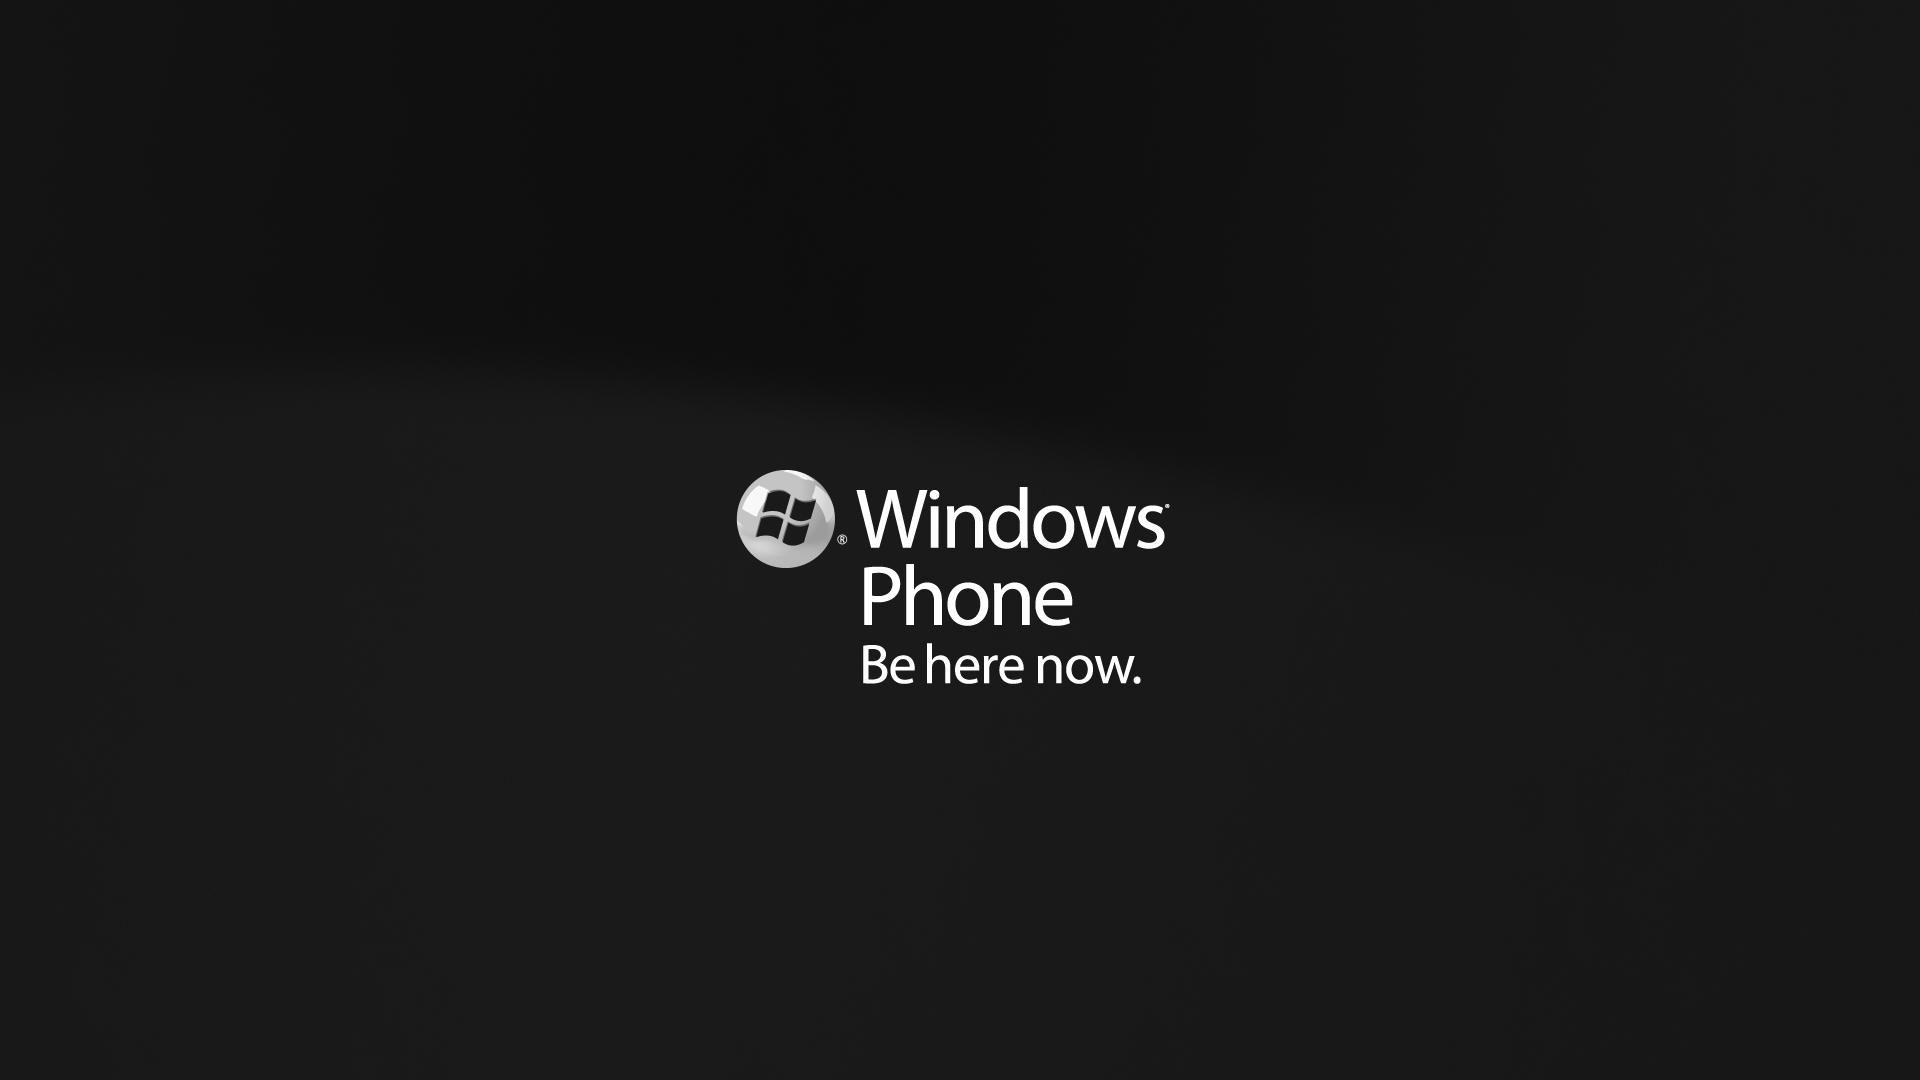 windowsPhone_HUB_009.jpg